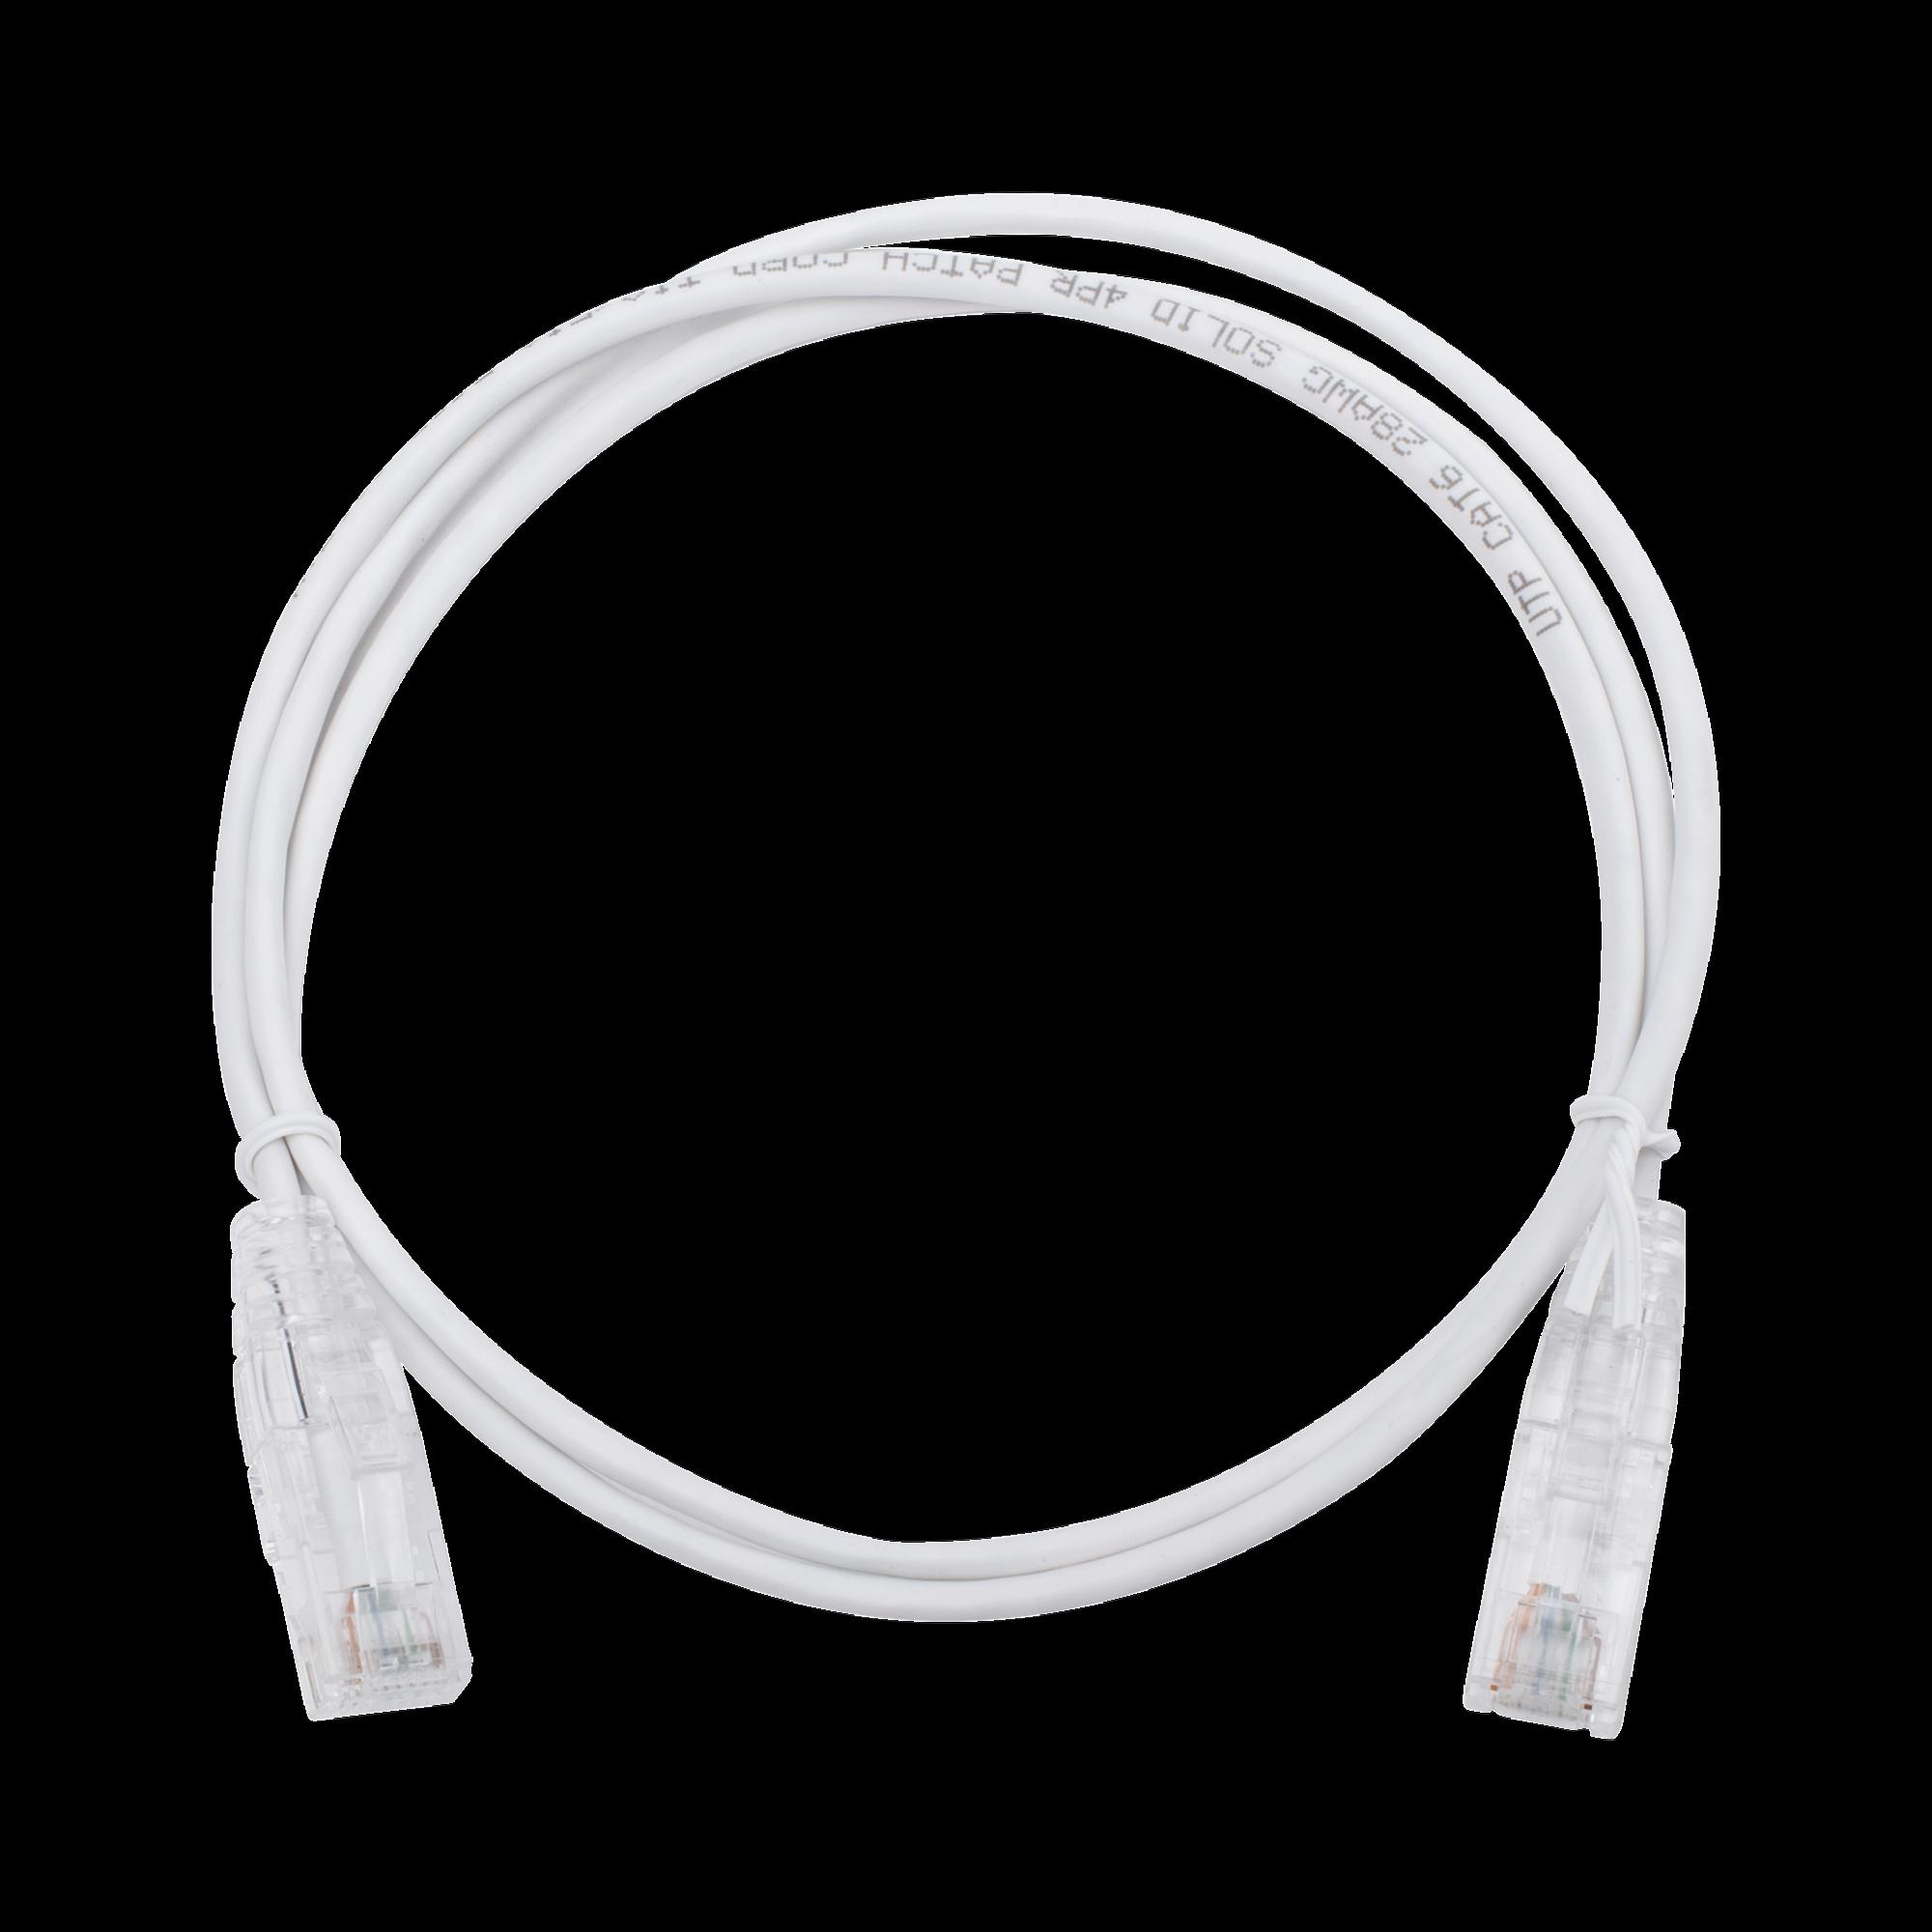 Cable de Parcheo Slim UTP Cat6 - 1 metro, Blanco, Diámetro Reducido (28 AWG)